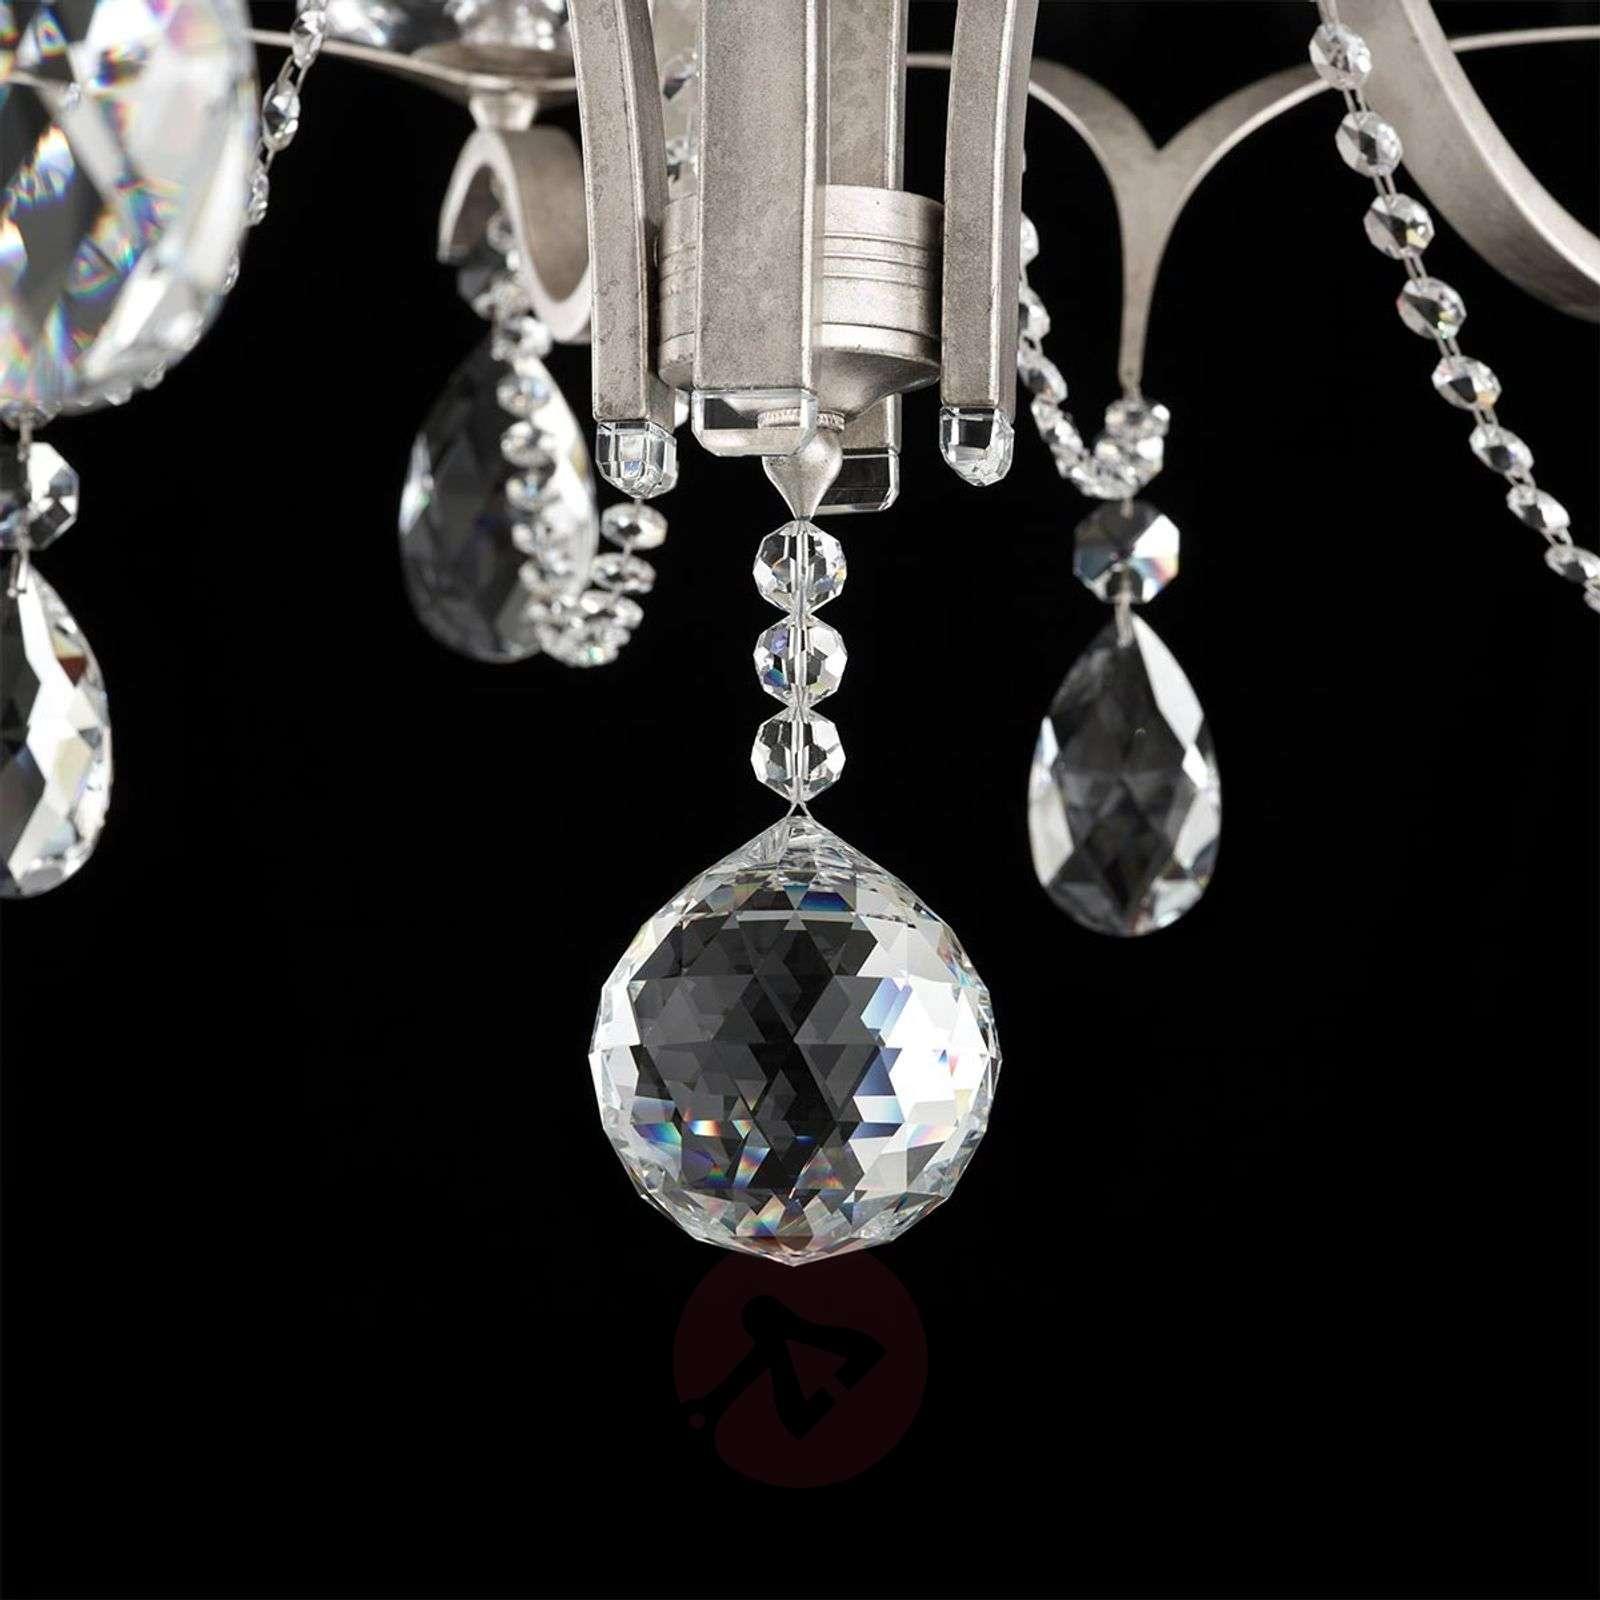 12-lamppuinen kattokruunu Vesca kristalliriip.-8583064-01